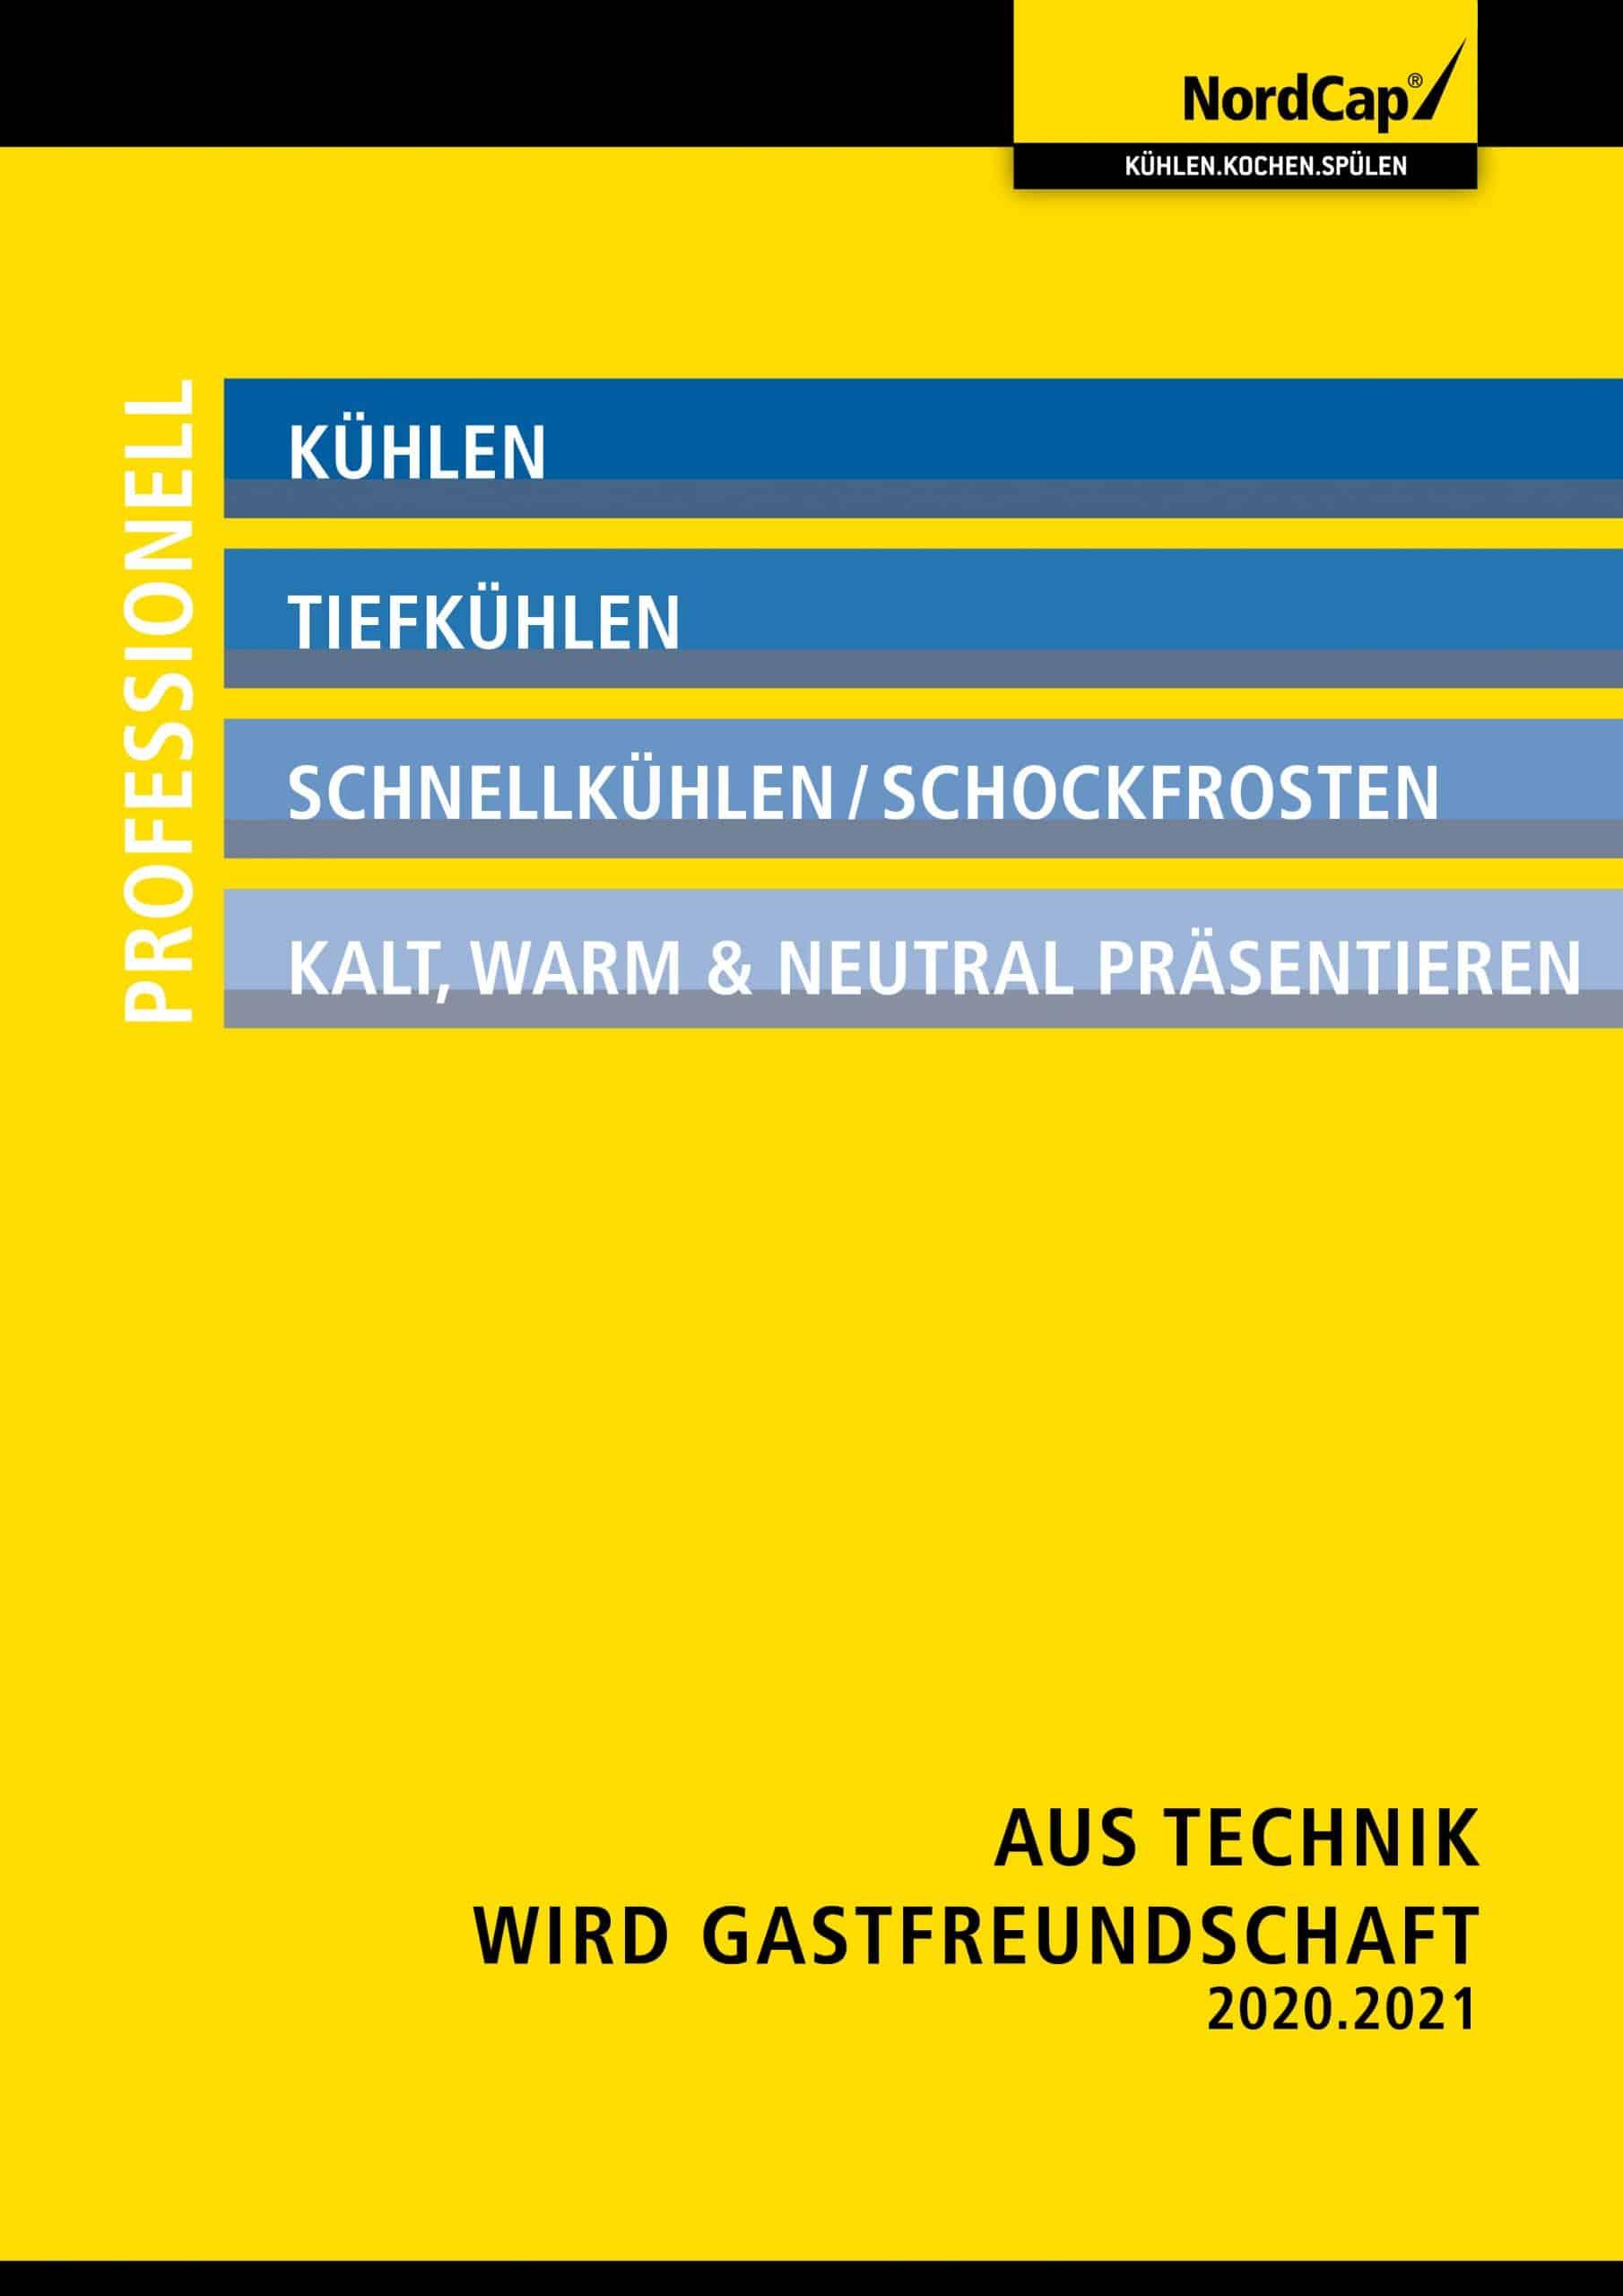 NordCap: Neues Katalogprogramm 2020/2021